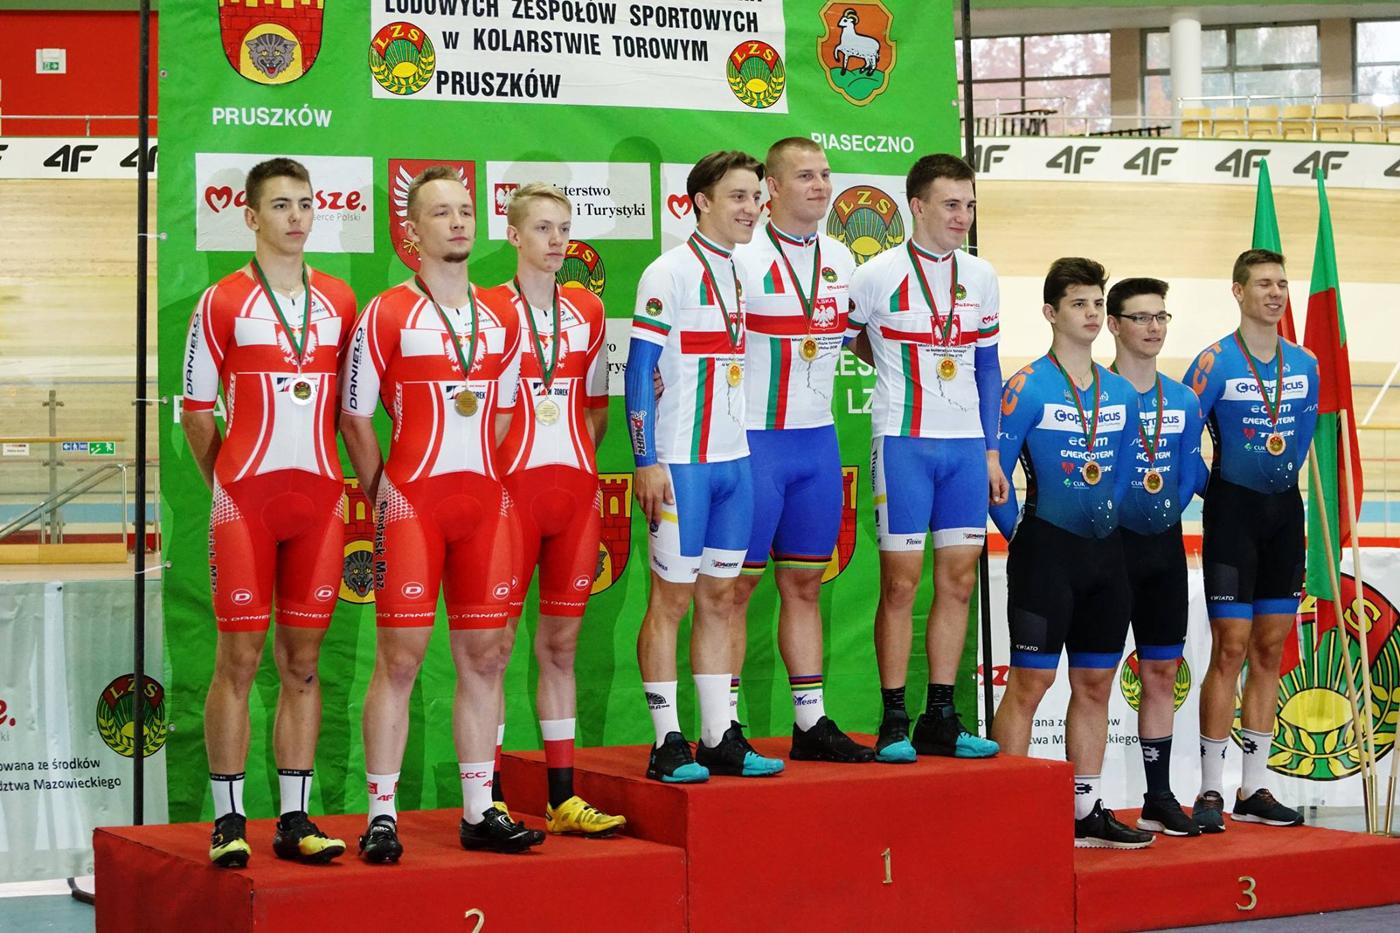 Mistrzostwa Krajowego Zrzeszenia LZS wkolarstwie torowym orazMistrzostwa Polski wkonkurencjach nieolimpijskich — Pruszków 2018